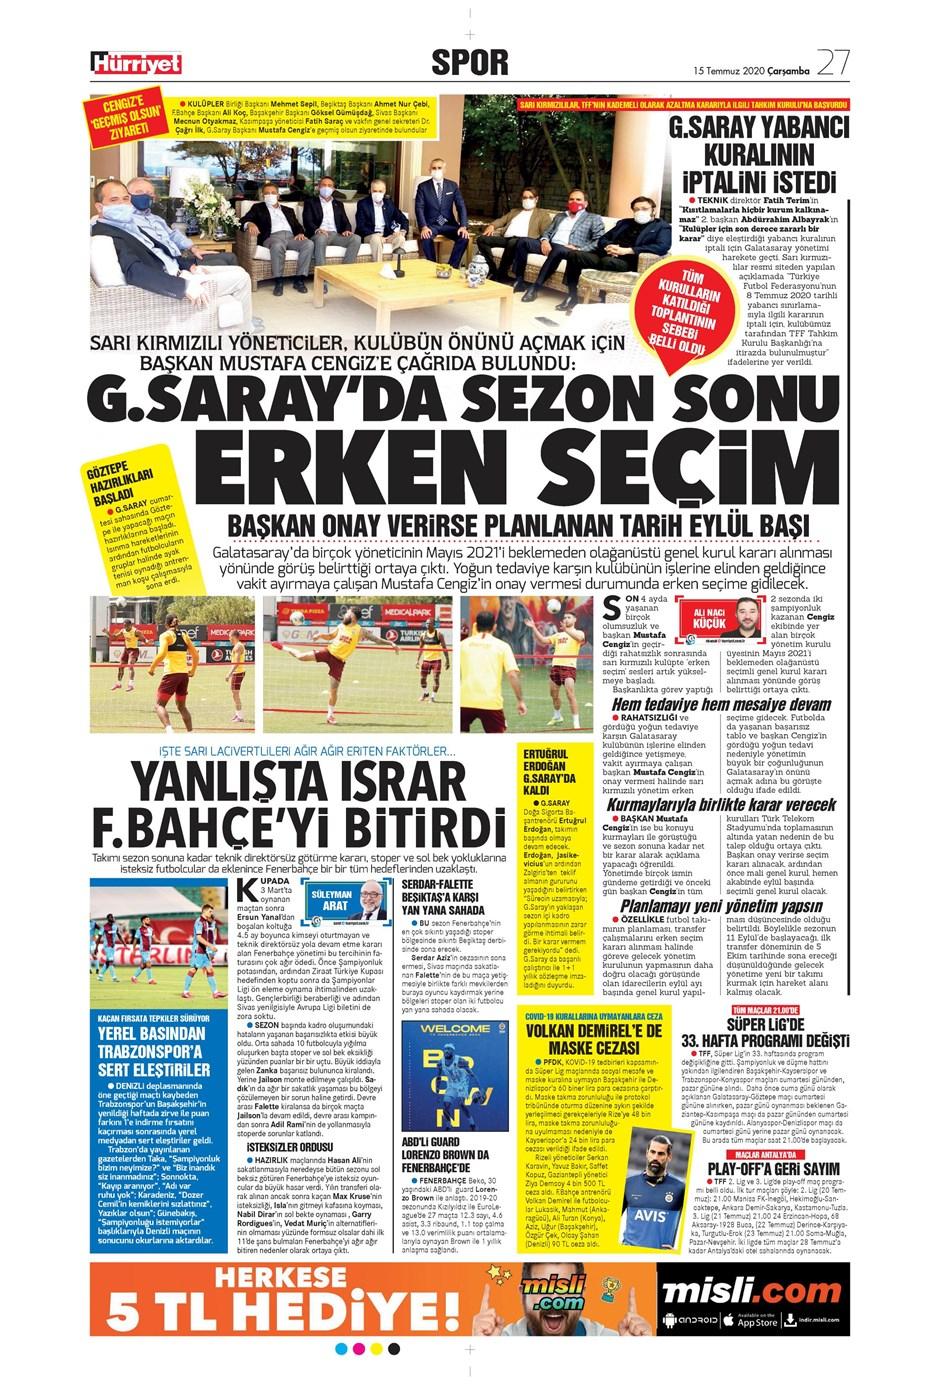 15 Temmuz 2020 günün spor manşetleri! İşte sporda gazete başlıkları 4